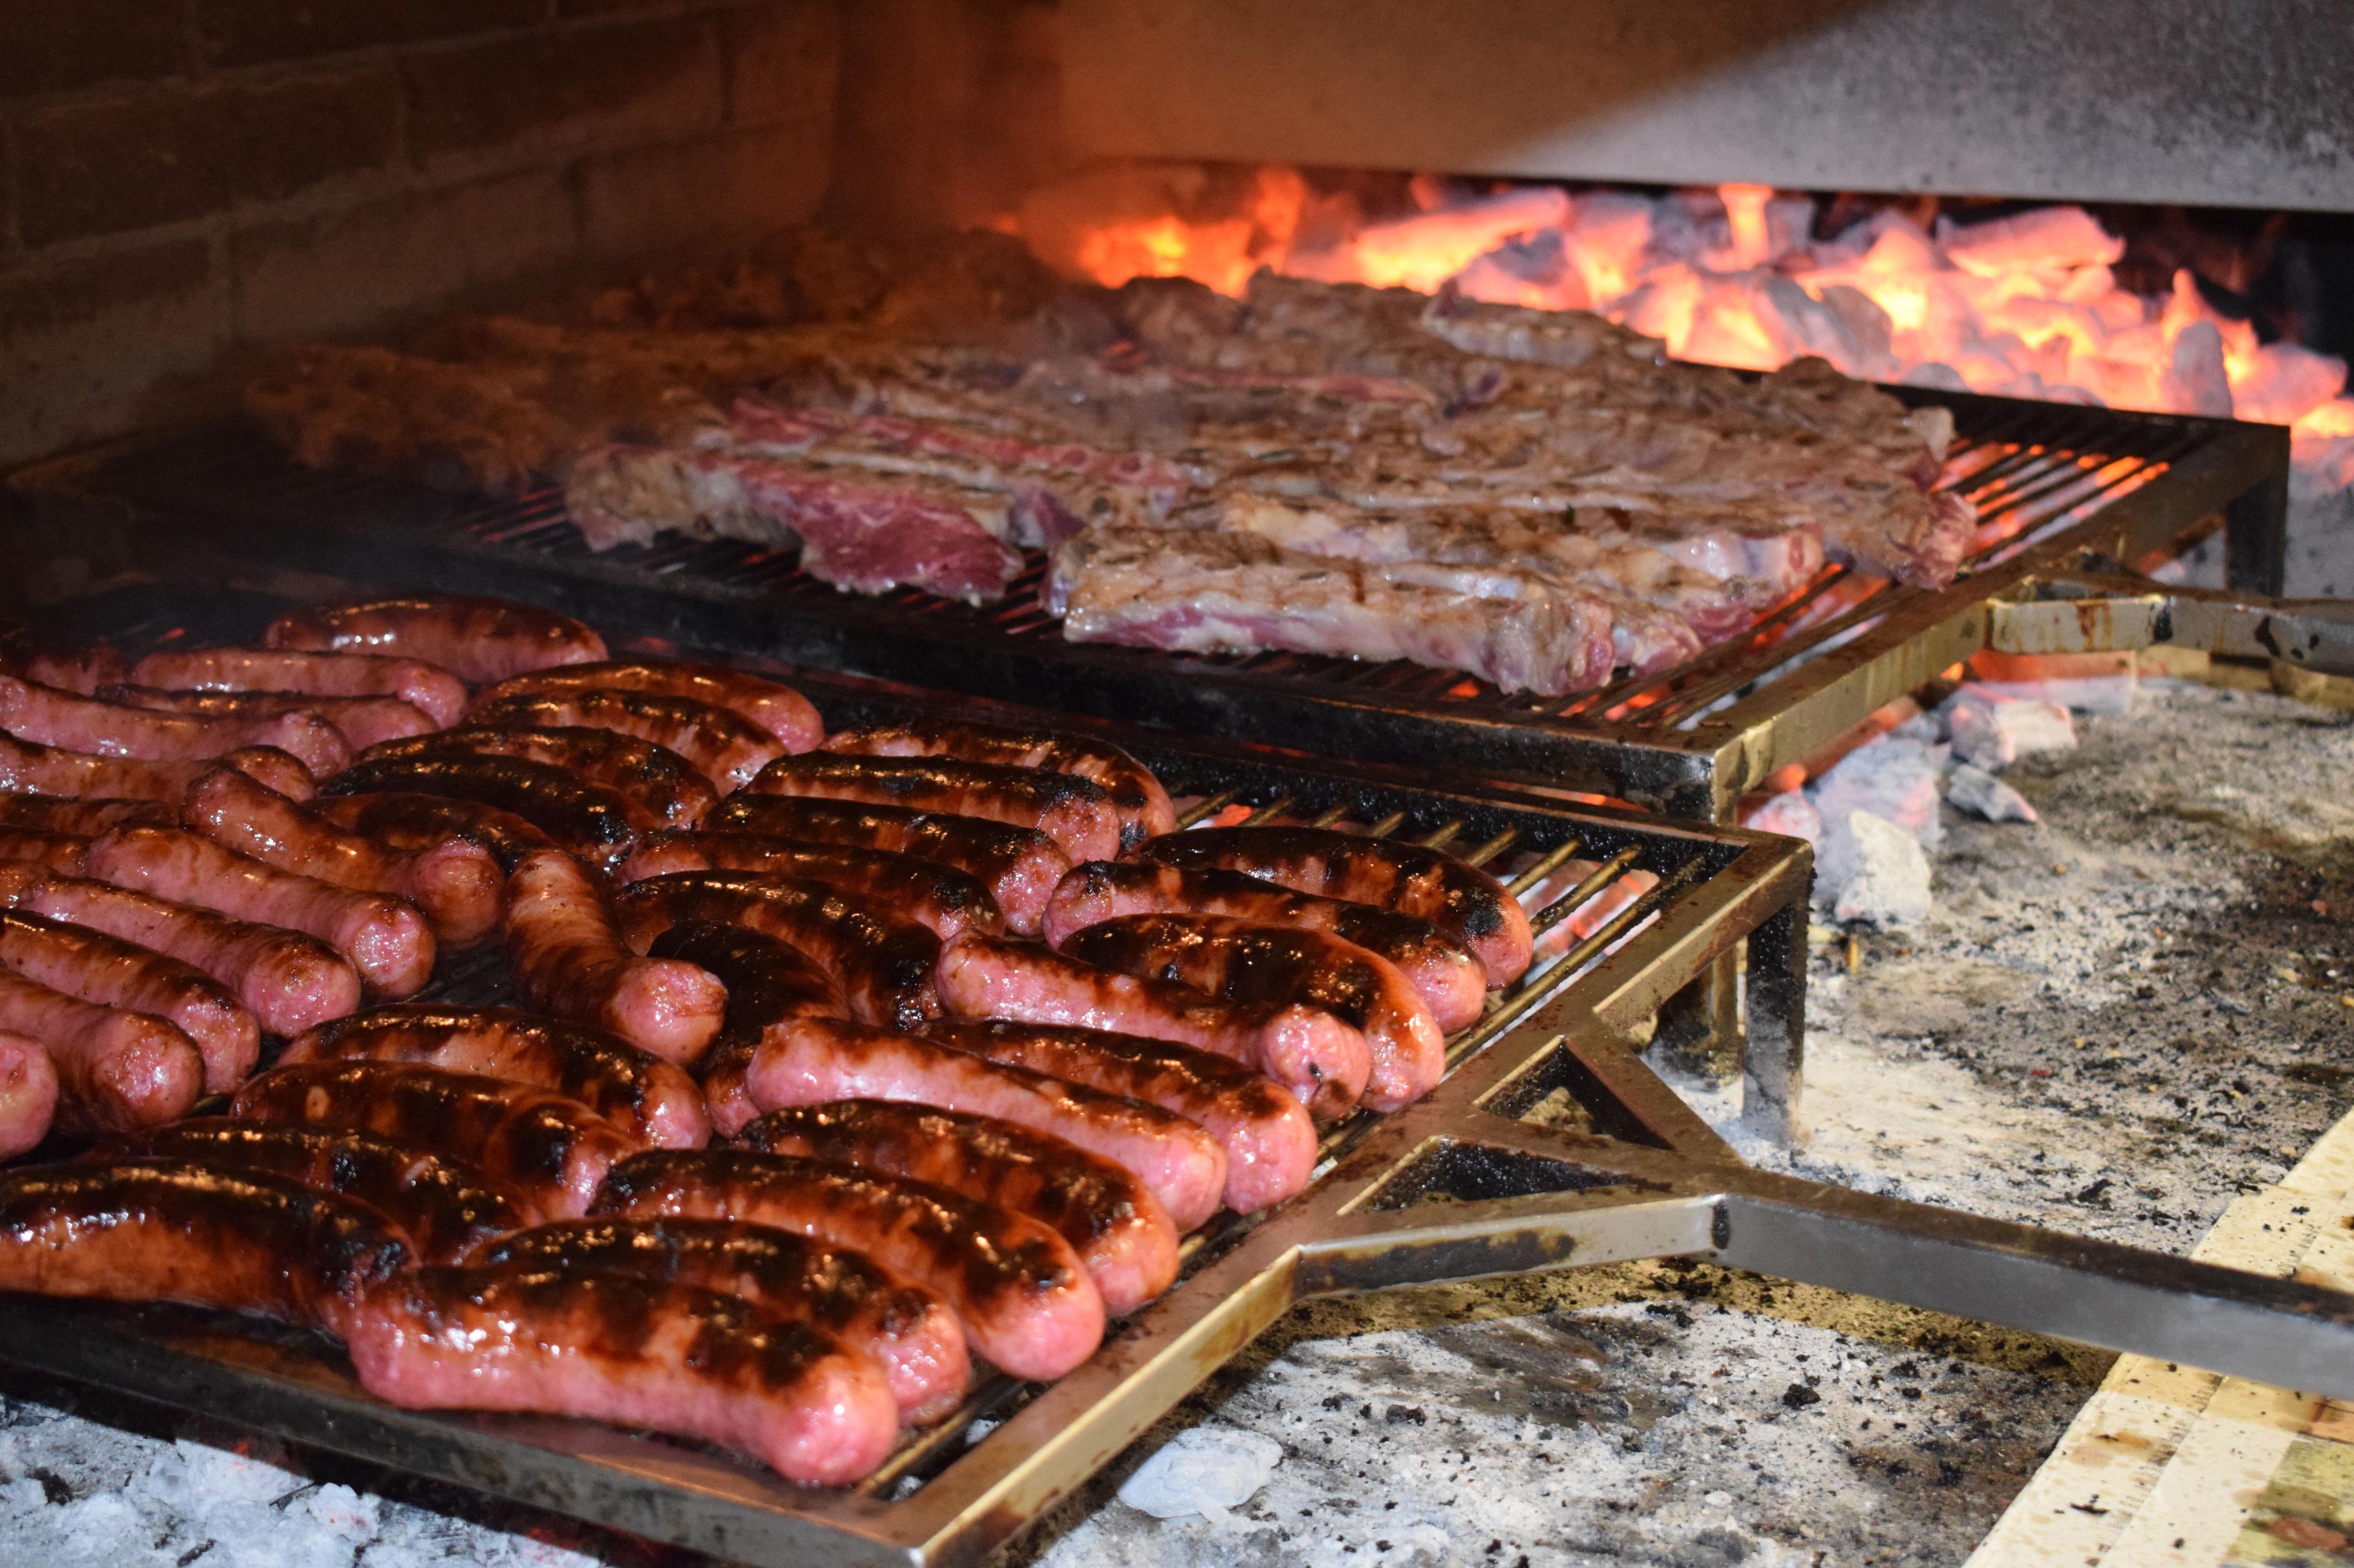 Foto 18 de Restaurante ubicado en A Coruña especialista en parrilladas en Cambre   Restaurante Parrillada El Gaucho Díaz I